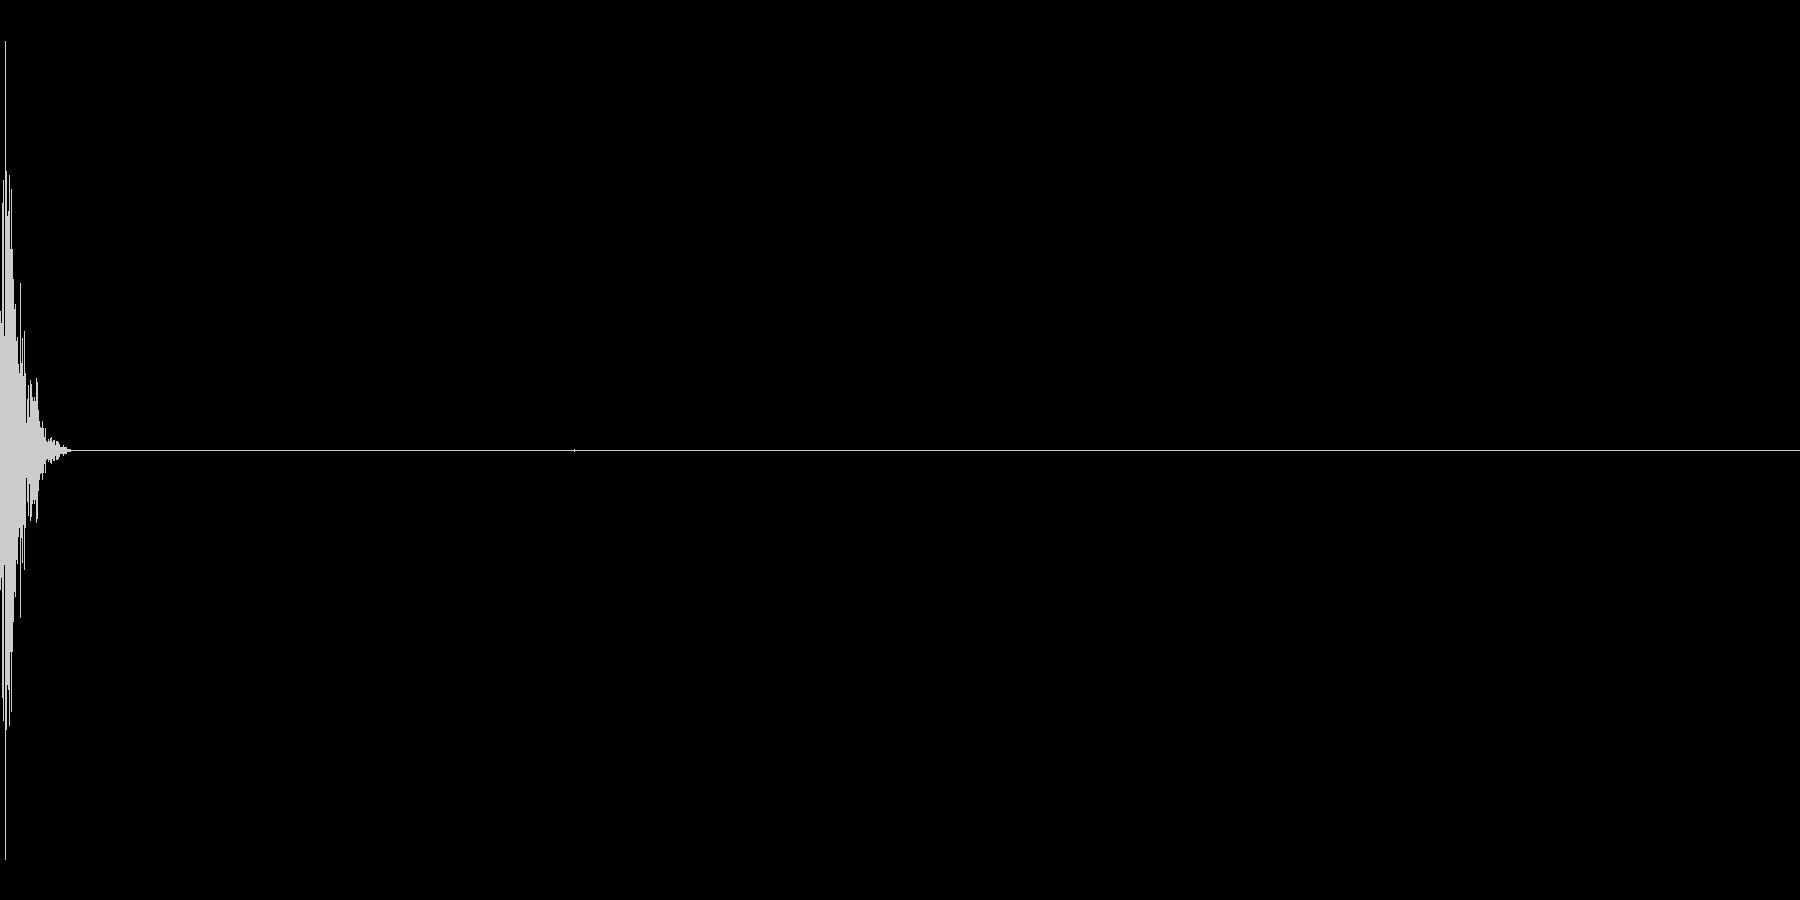 時計、タイマー、ストップウォッチ_D_1の未再生の波形